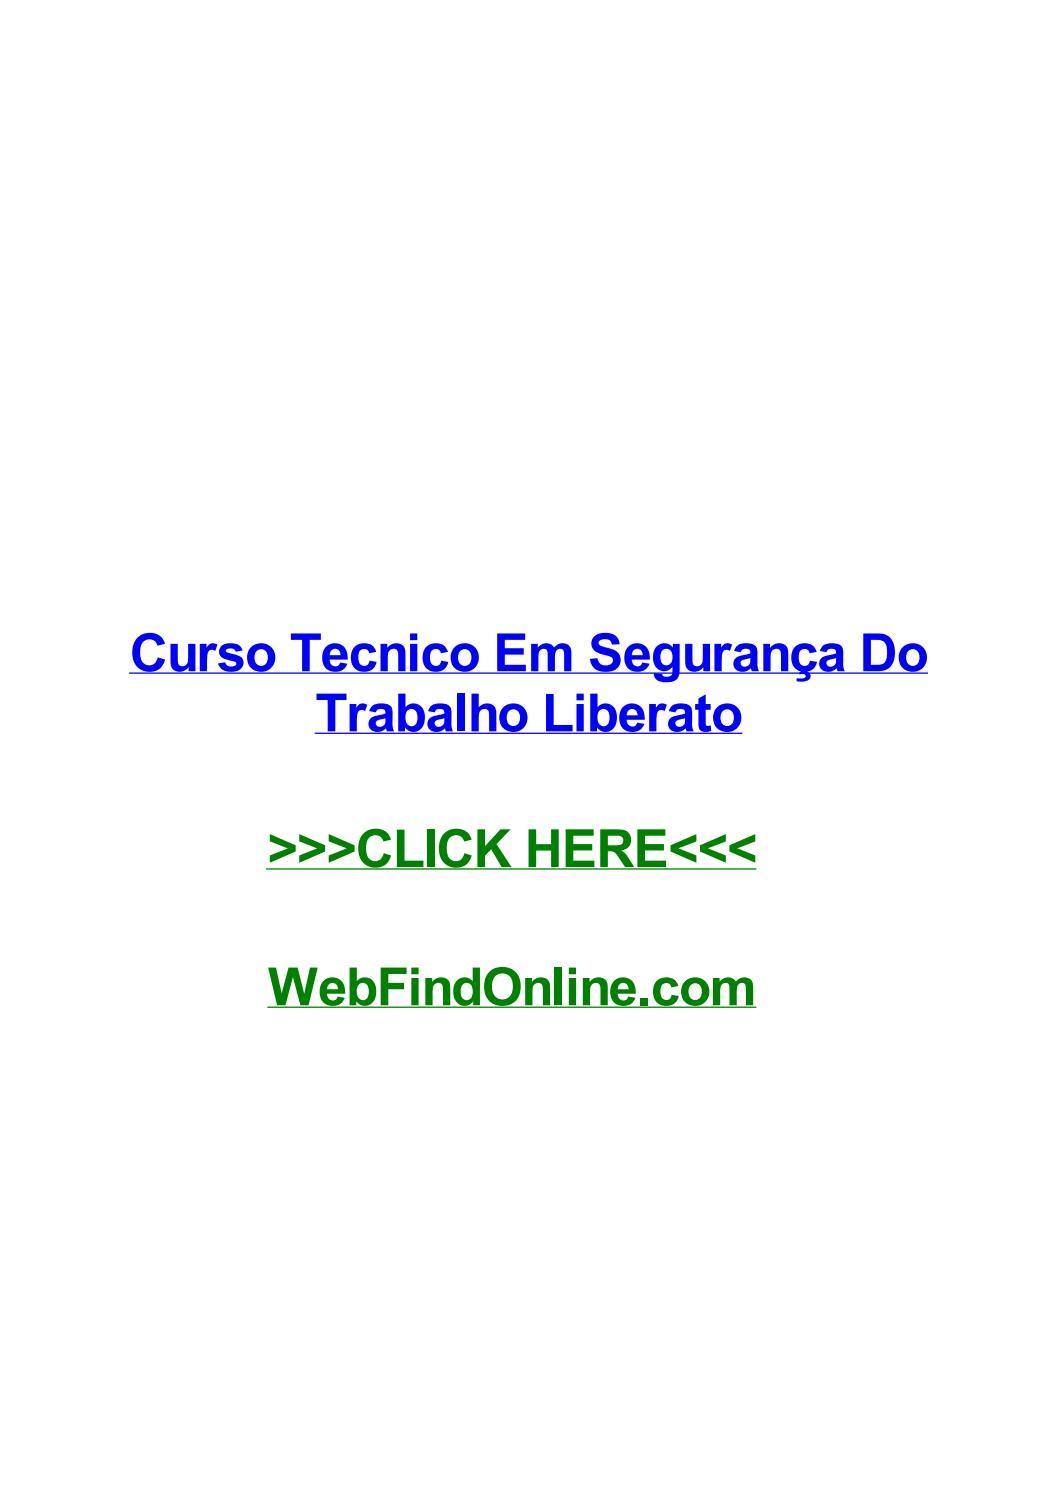 a0ce840c1094e Curso tecnico em seguranг§a do trabalho liberato by jaylcmd - issuu